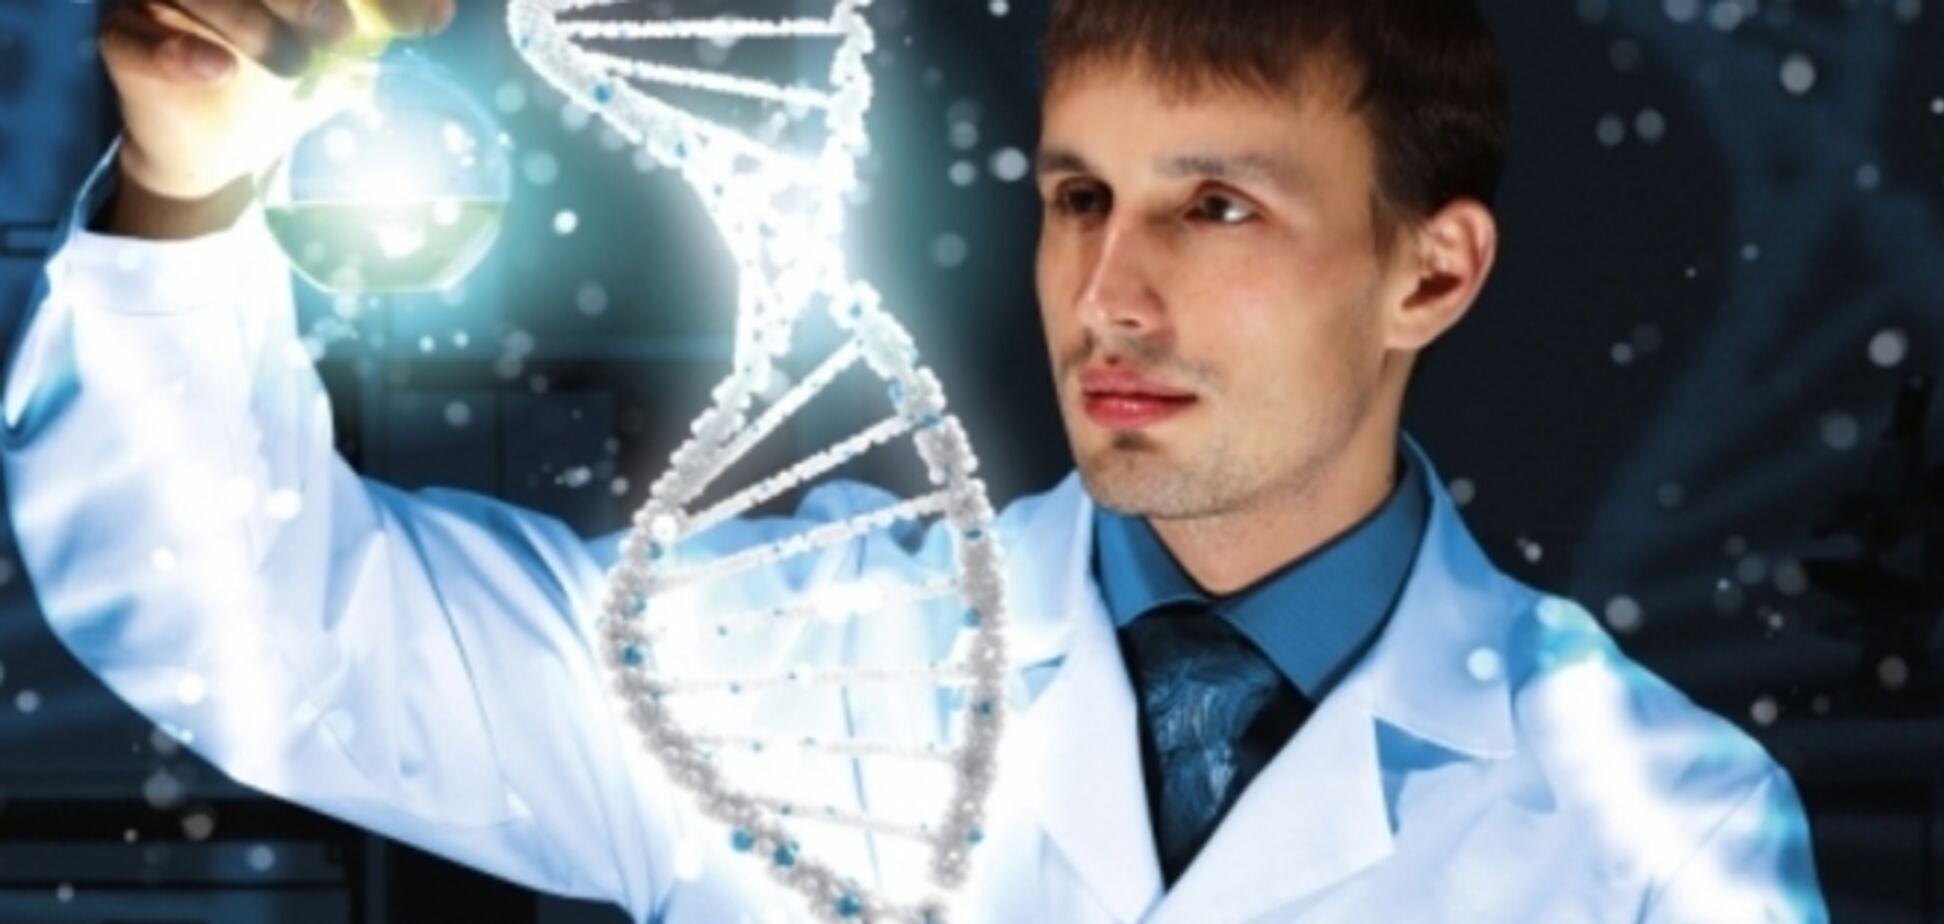 По факту смерти трех политиков в результате терапии стволовыми клетками проводится расследование